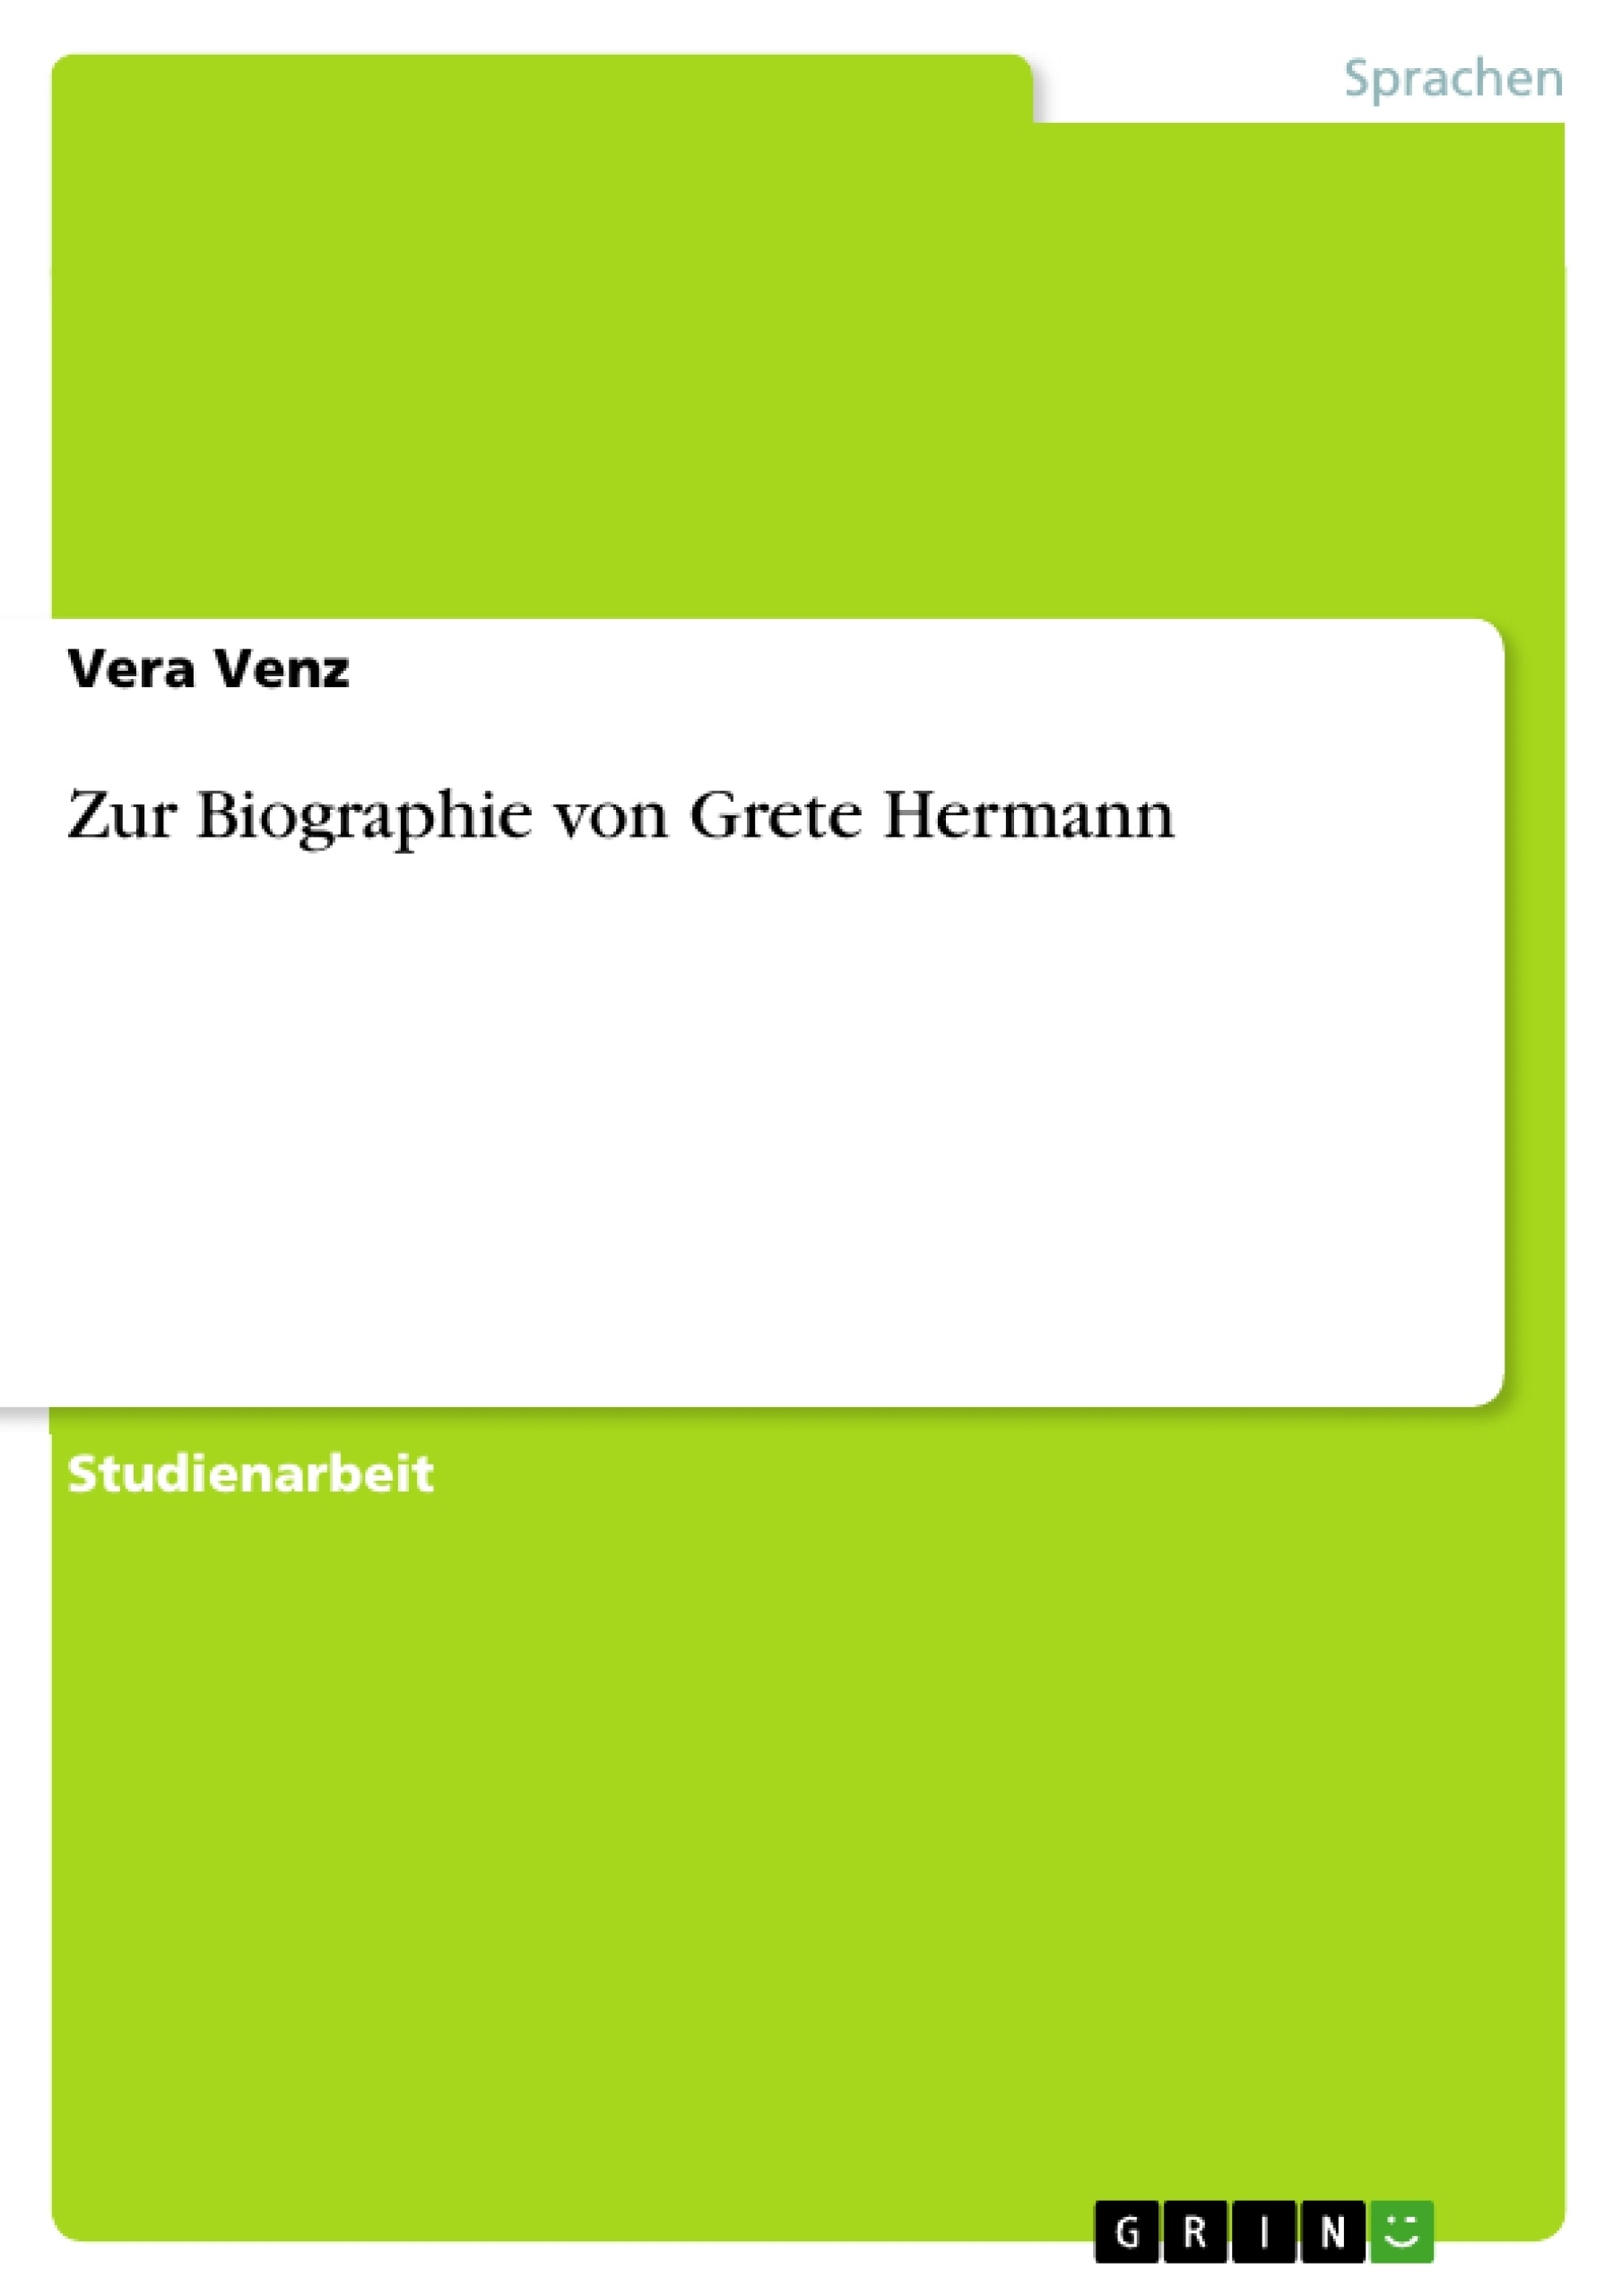 Titel: Zur Biographie von Grete Hermann